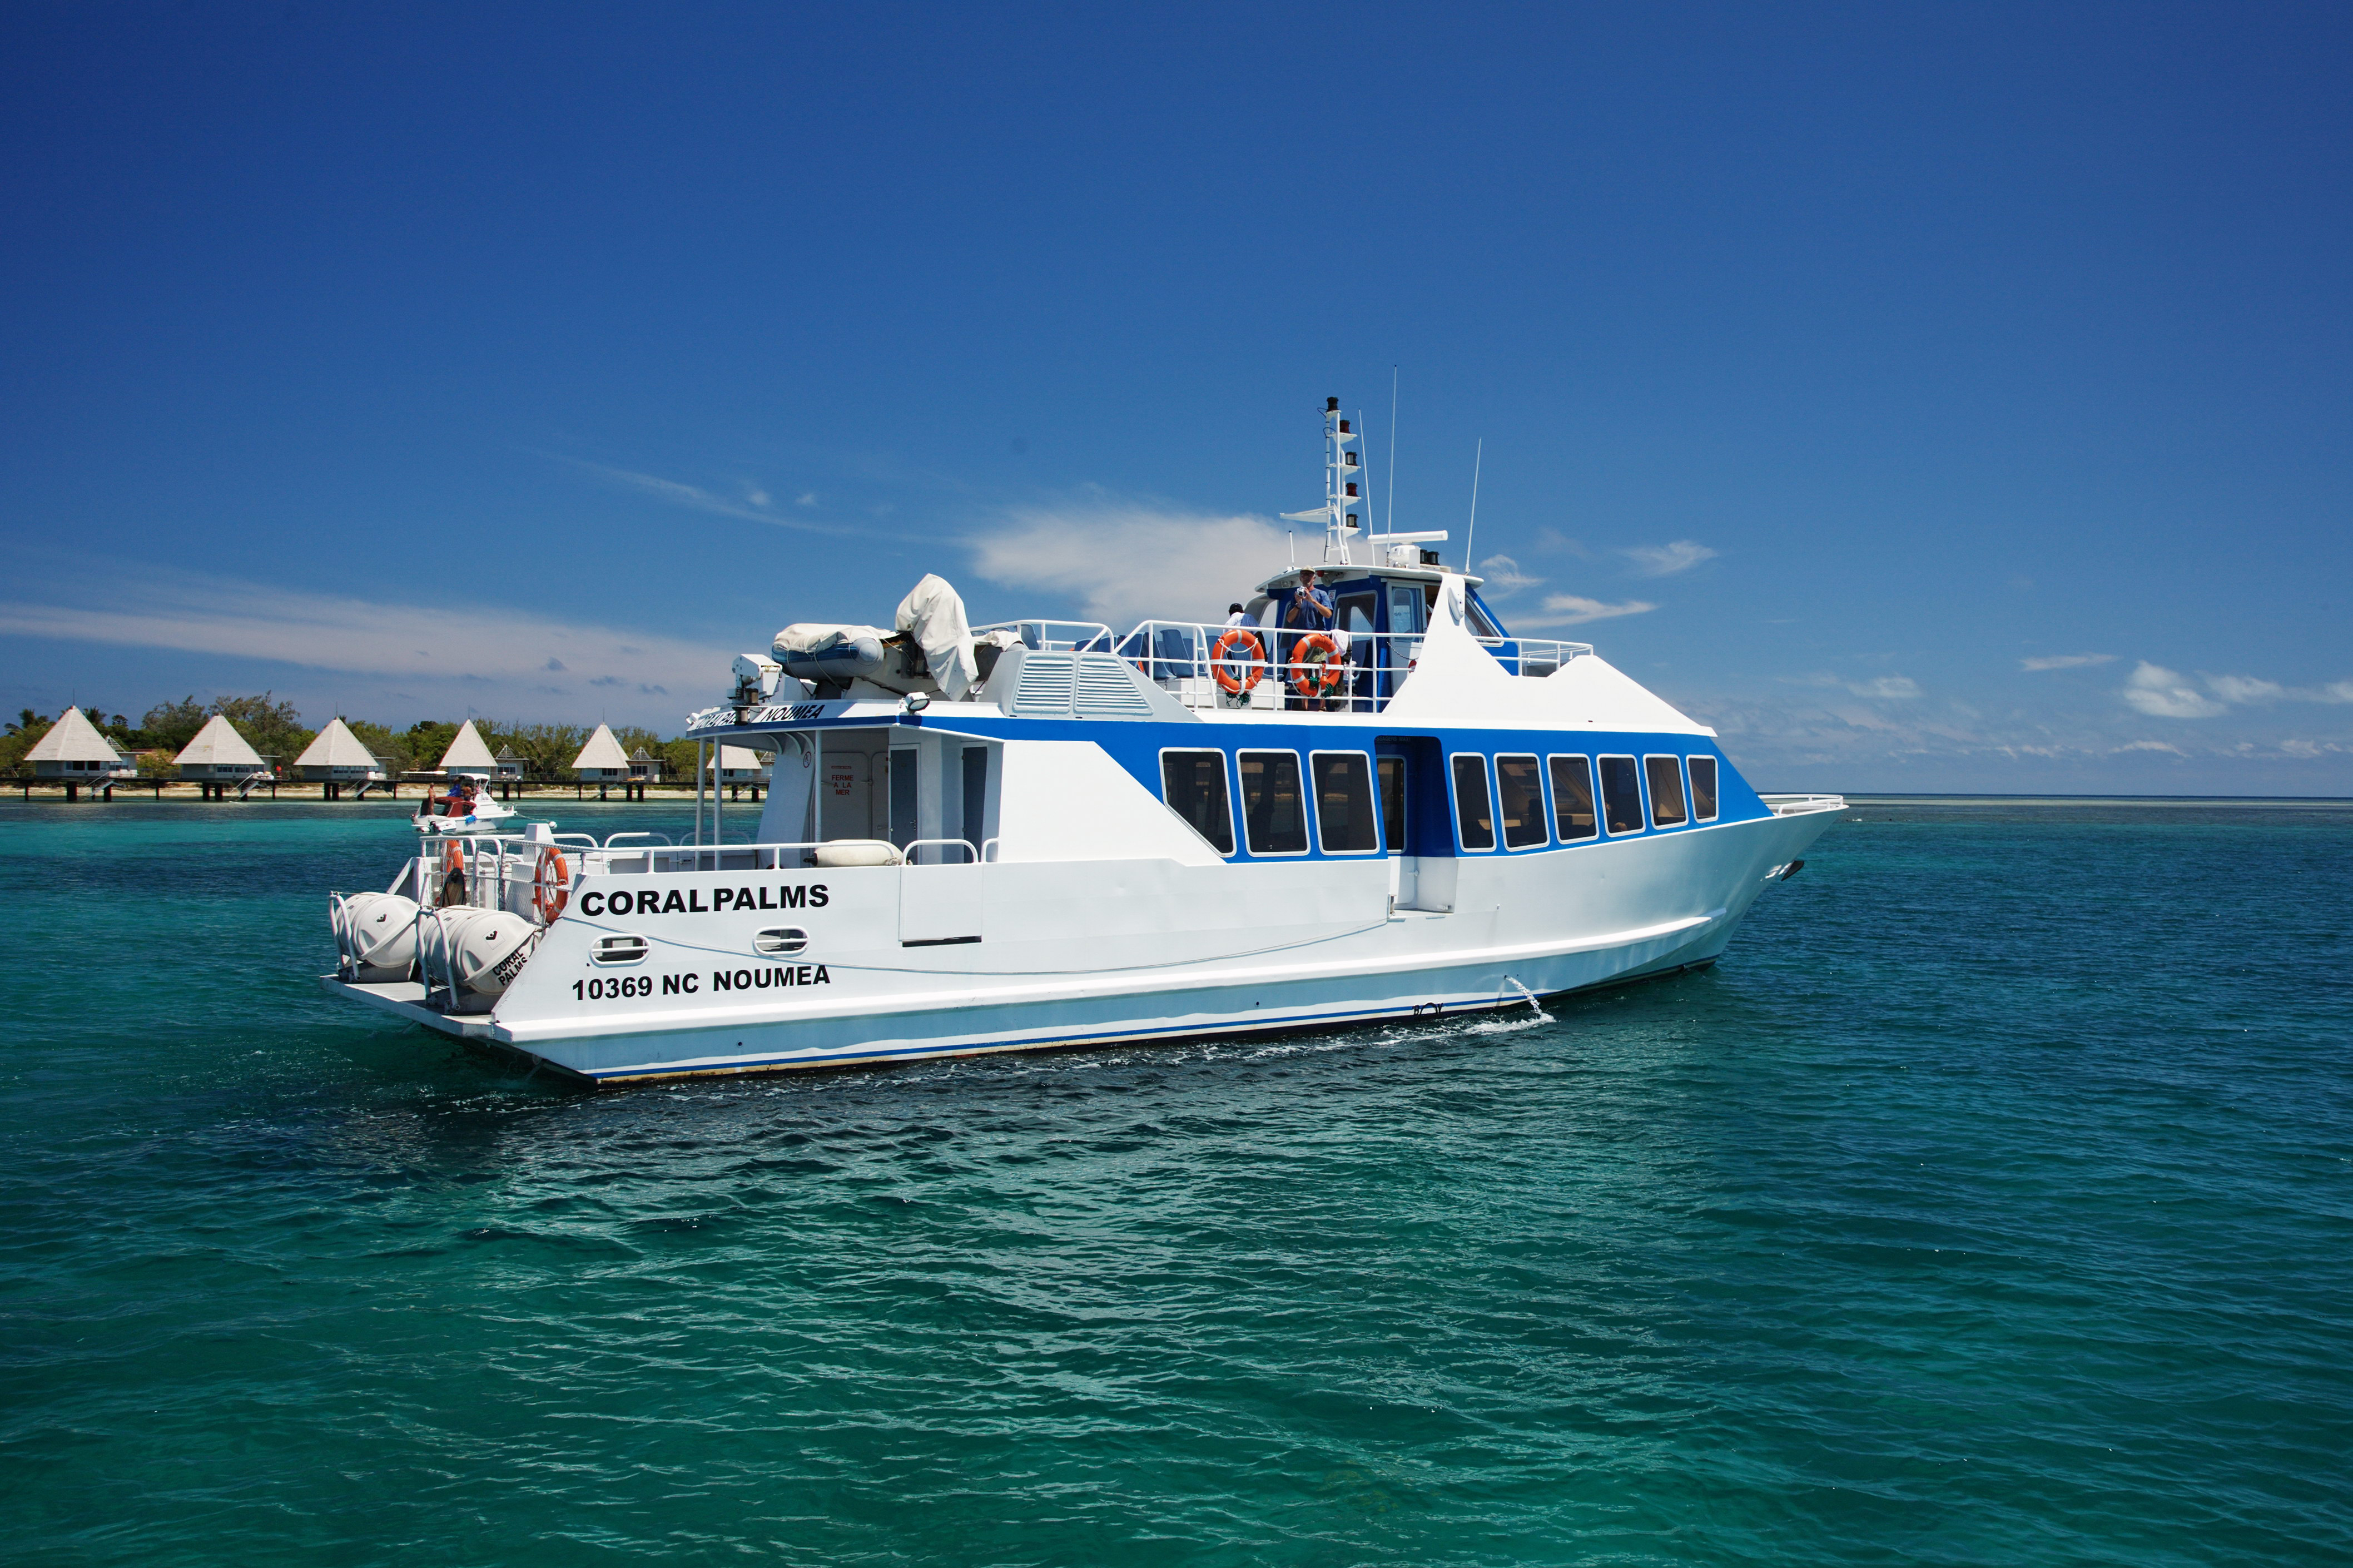 Escapade Island Resort